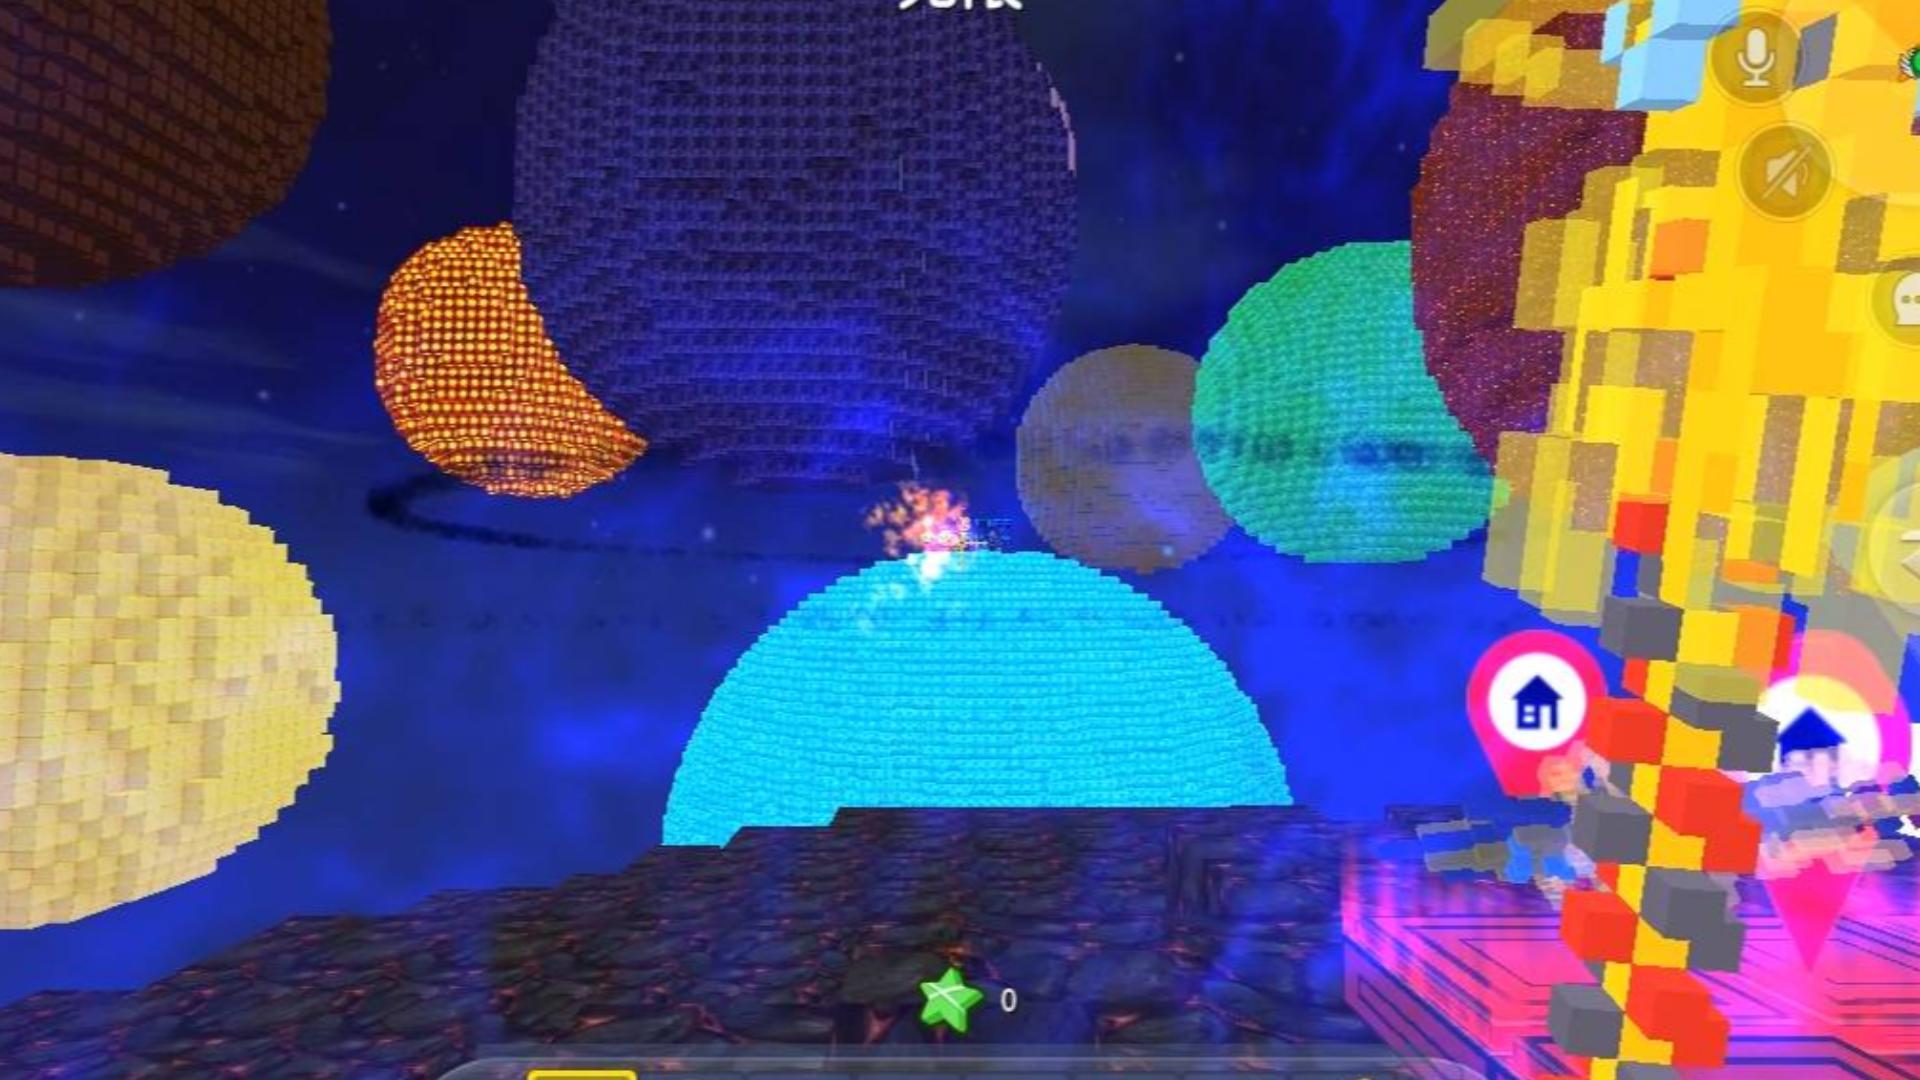 迷你世界:星球大战超级火力,这特效简直就是神仙打架,伙伴又被打投降